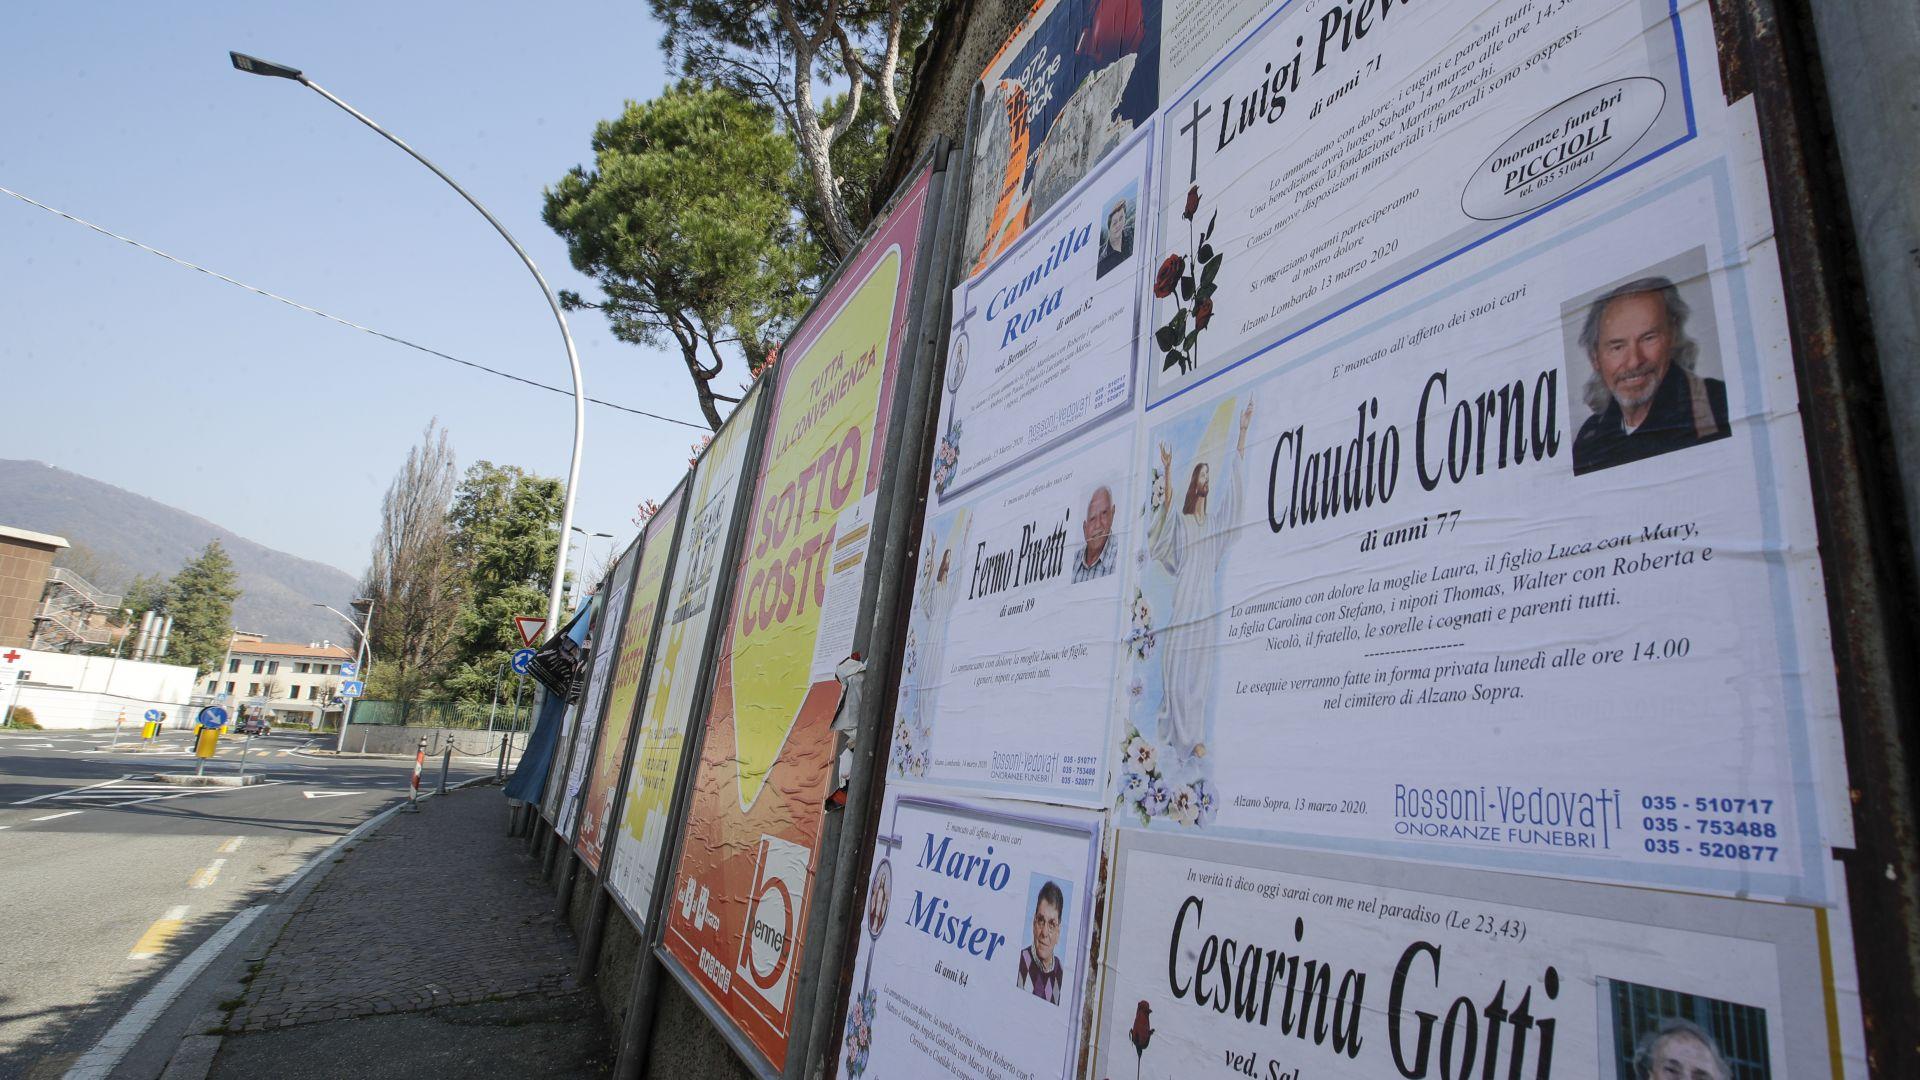 Жители на Ломбардия искат справедливост за жертвите, сложиха охрана на президента